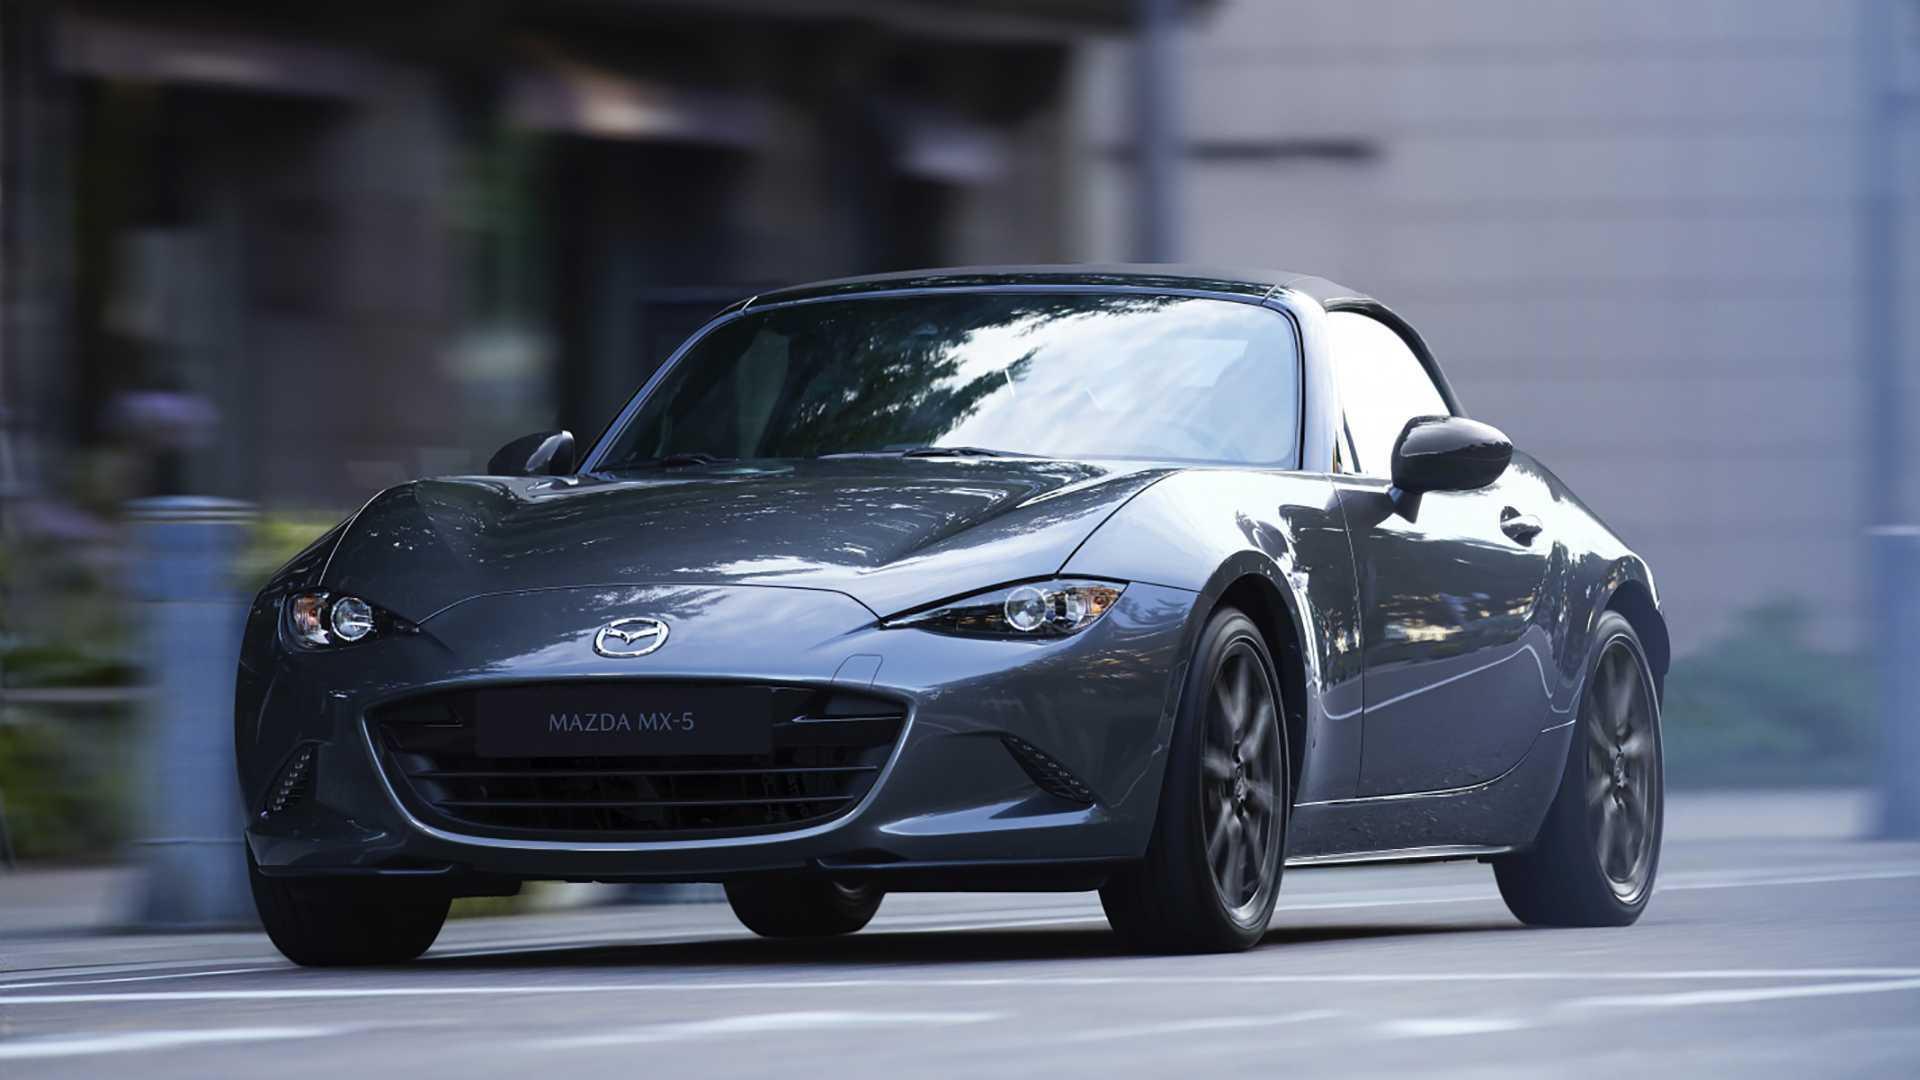 Mazda miata manual transmission for sale